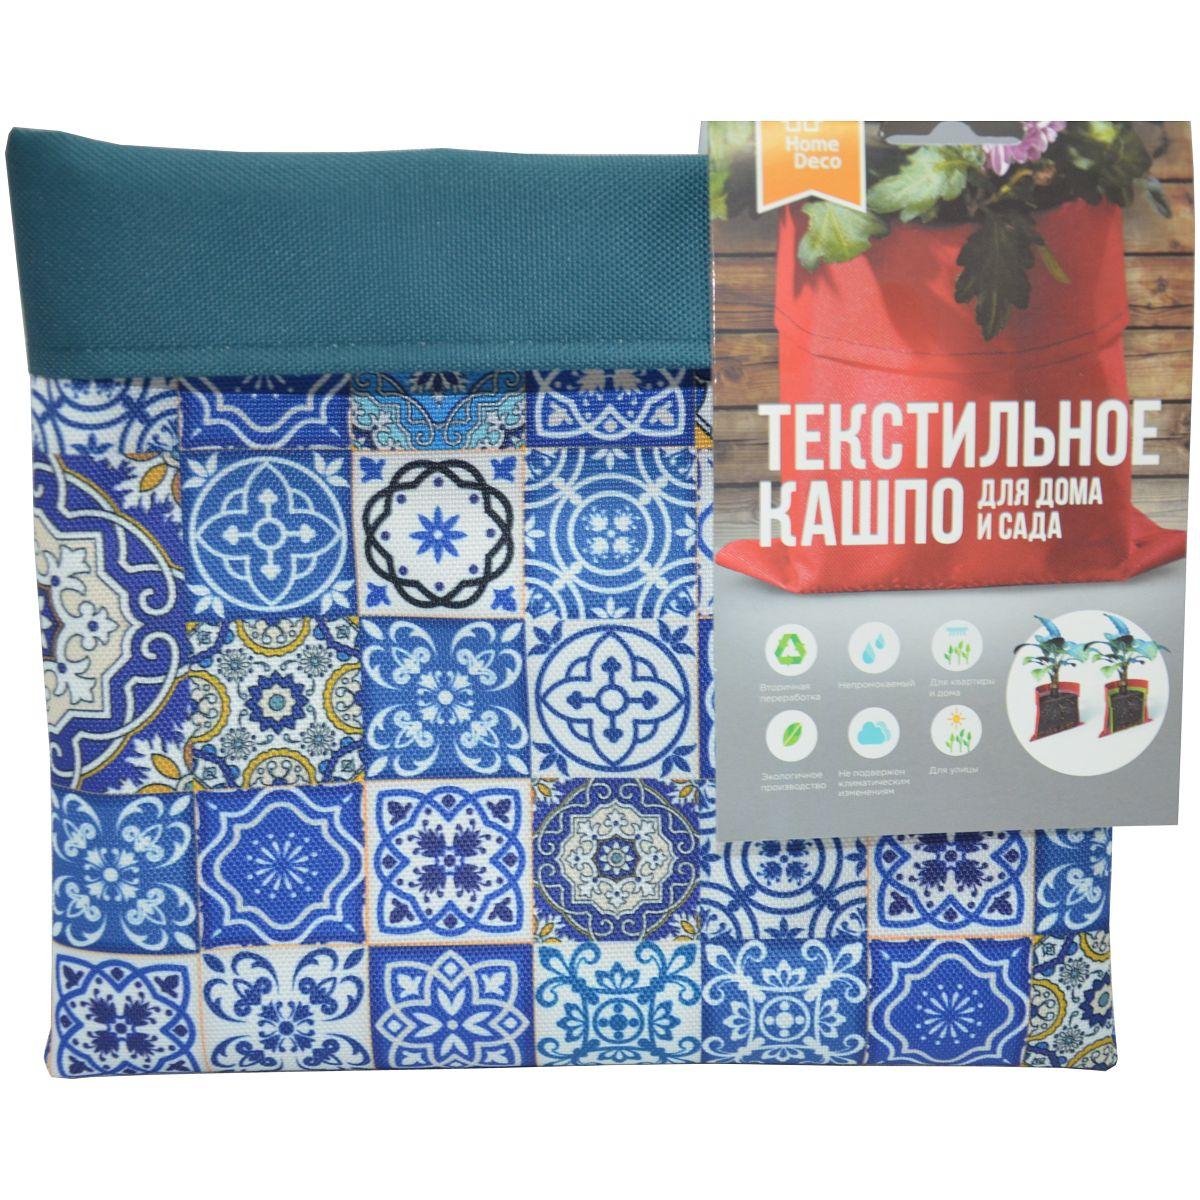 Кашпо текстил. Венецианский hdfp0019 д13 Homedeco фото